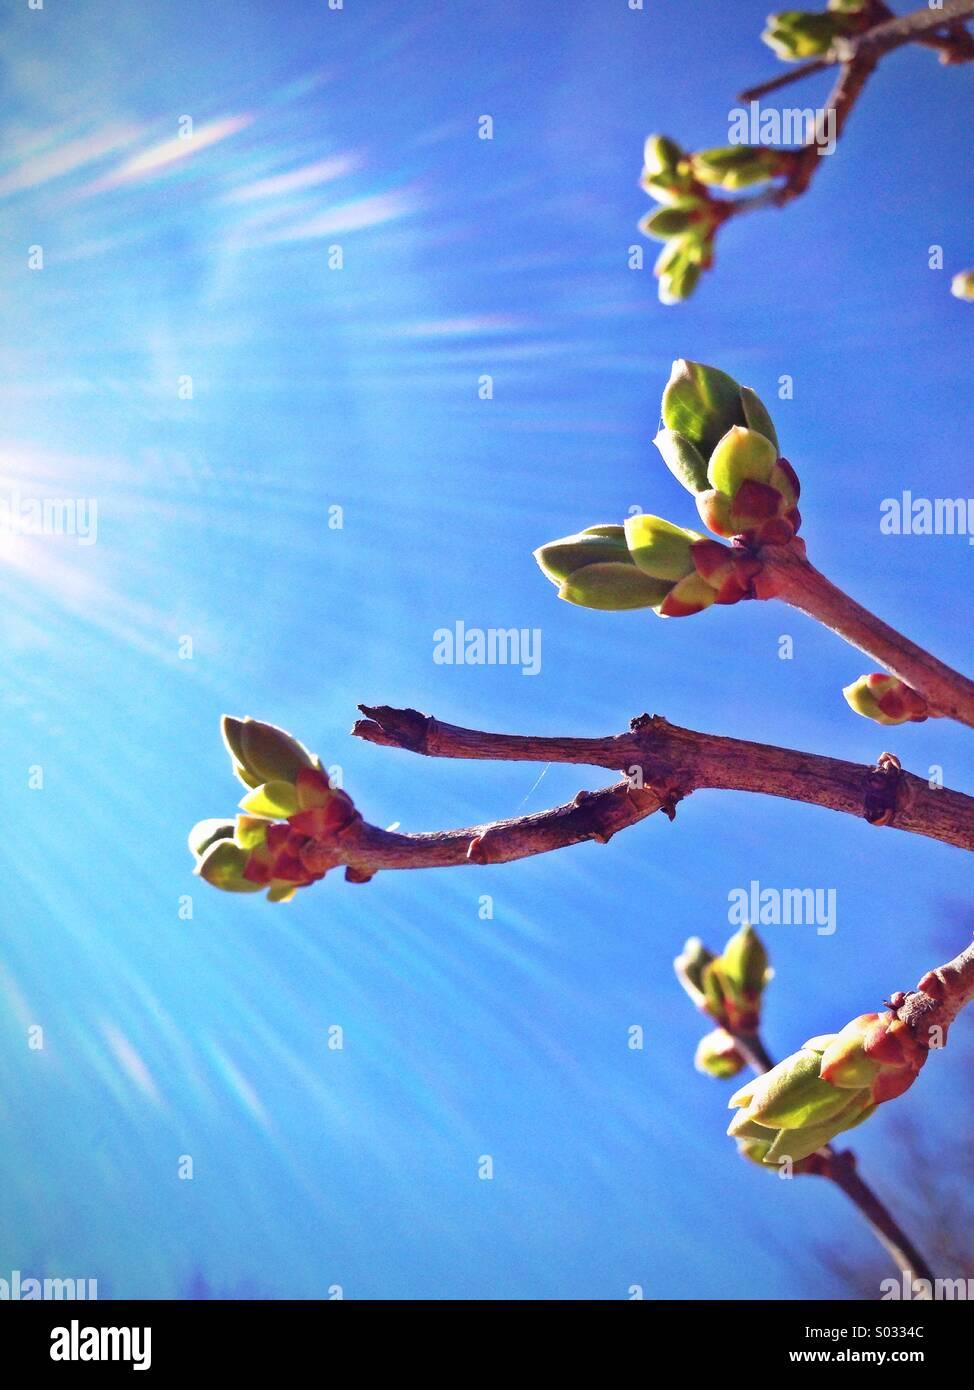 Tree buds. - Stock Image